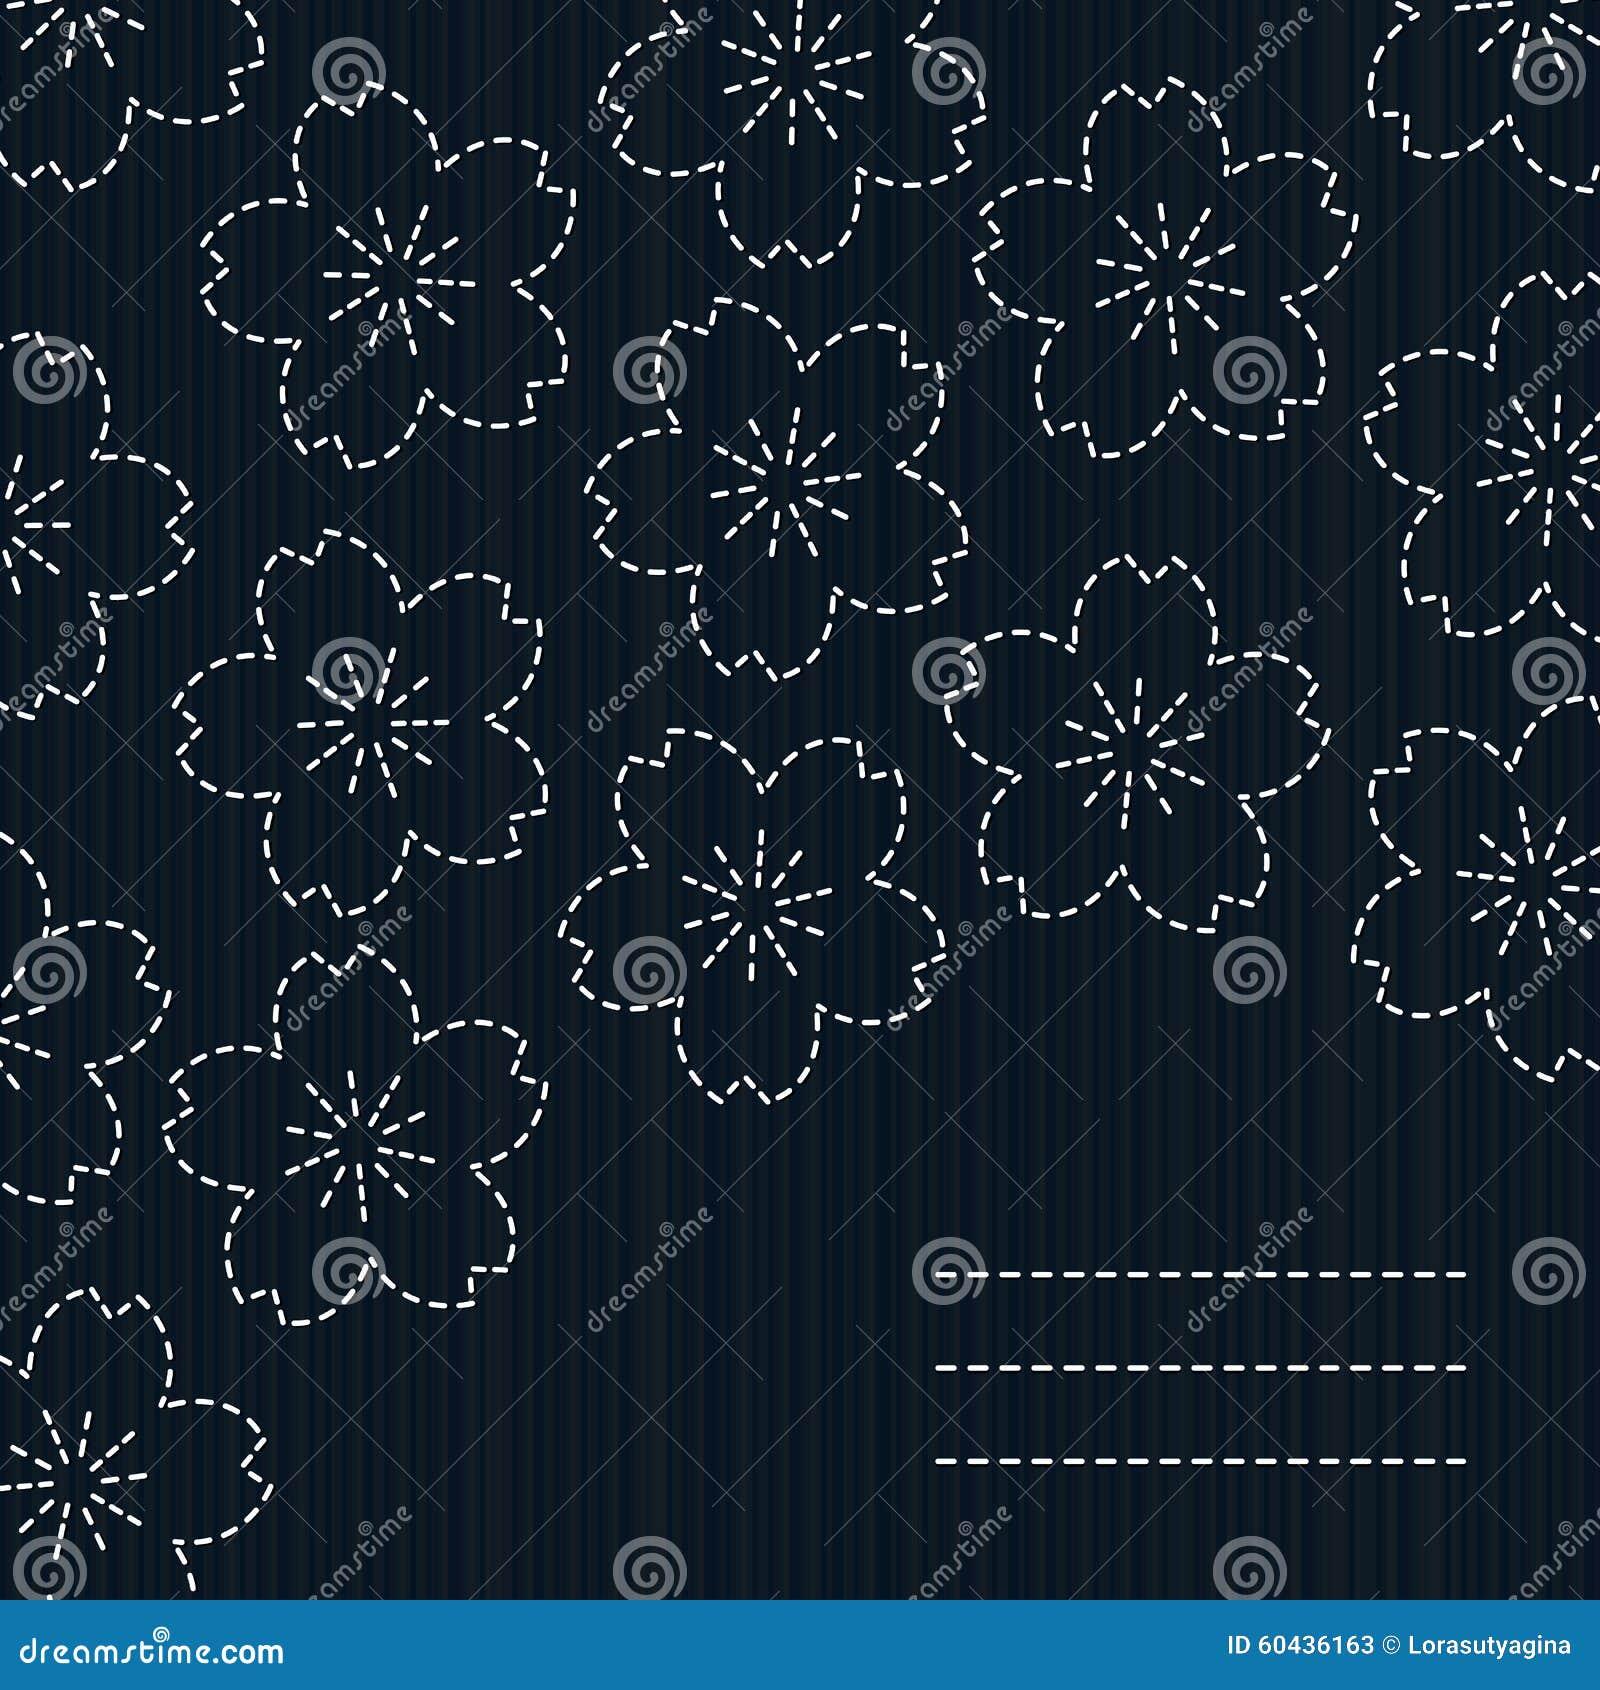 how to draw sashiko patterns